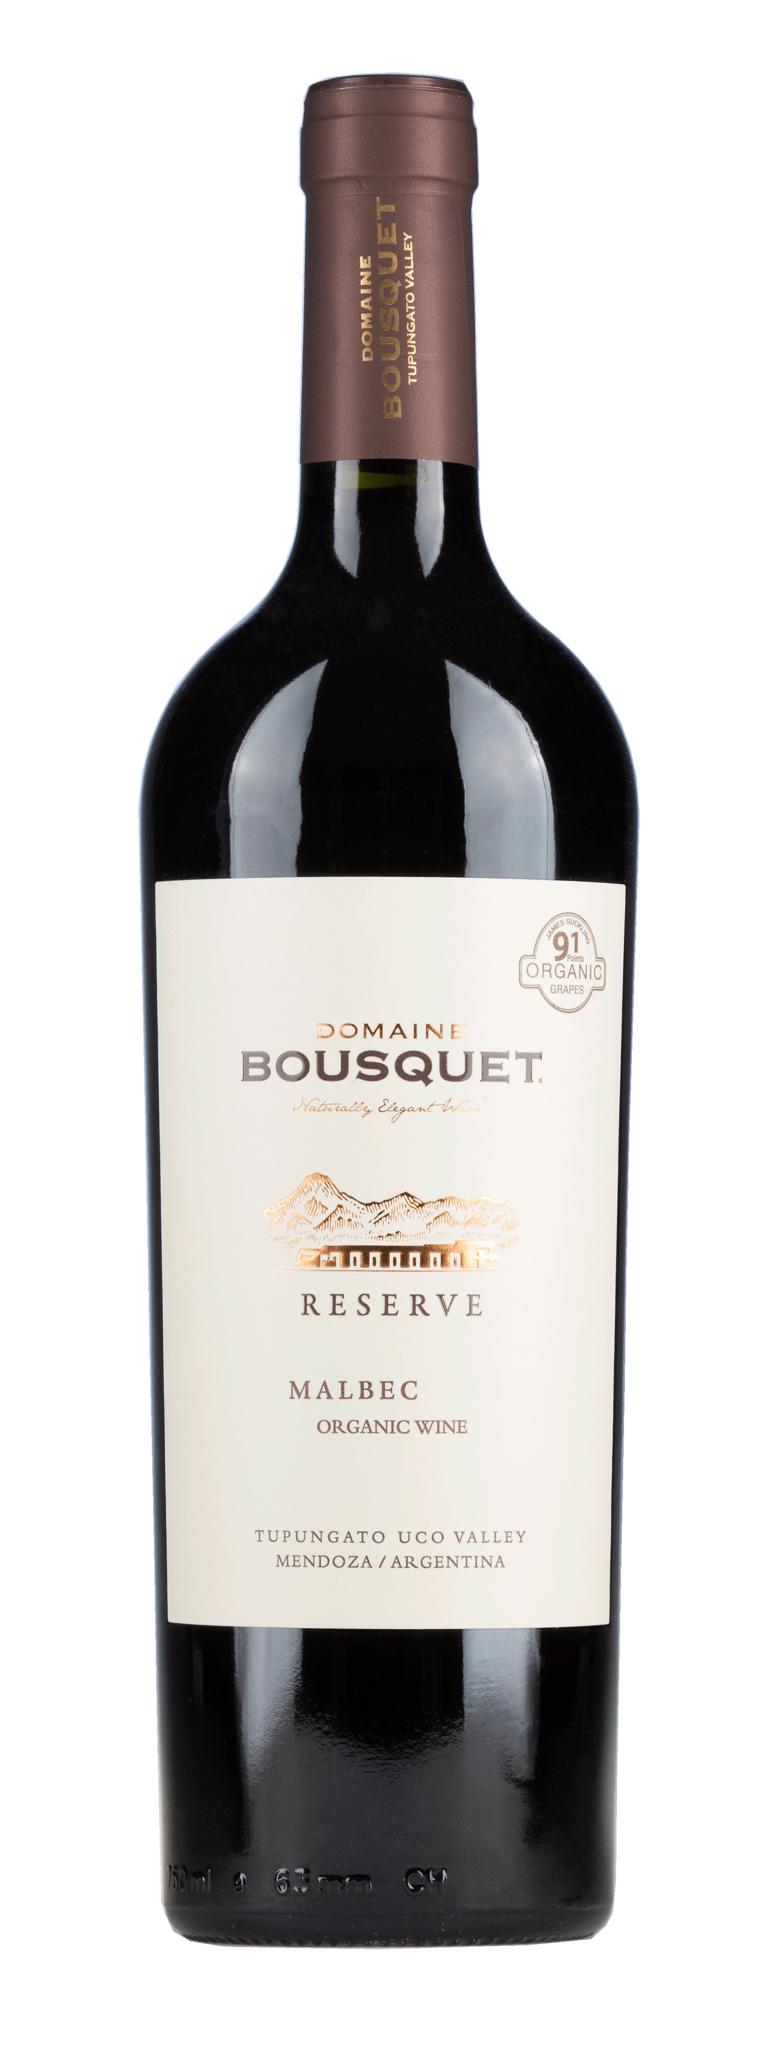 Bousquet, Domaine - Argentinien 2019 Malbec Reserve Mendoza, Domaine Bousquet